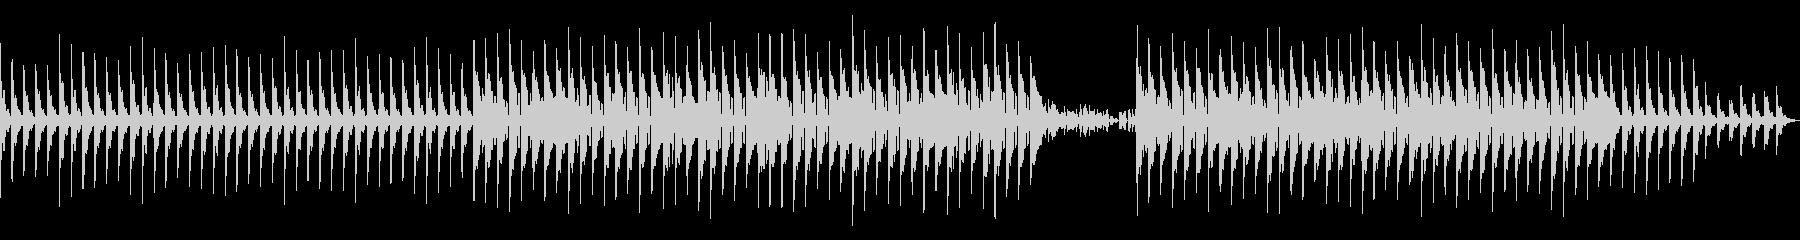 bpm128ドラムなしバージョンの未再生の波形